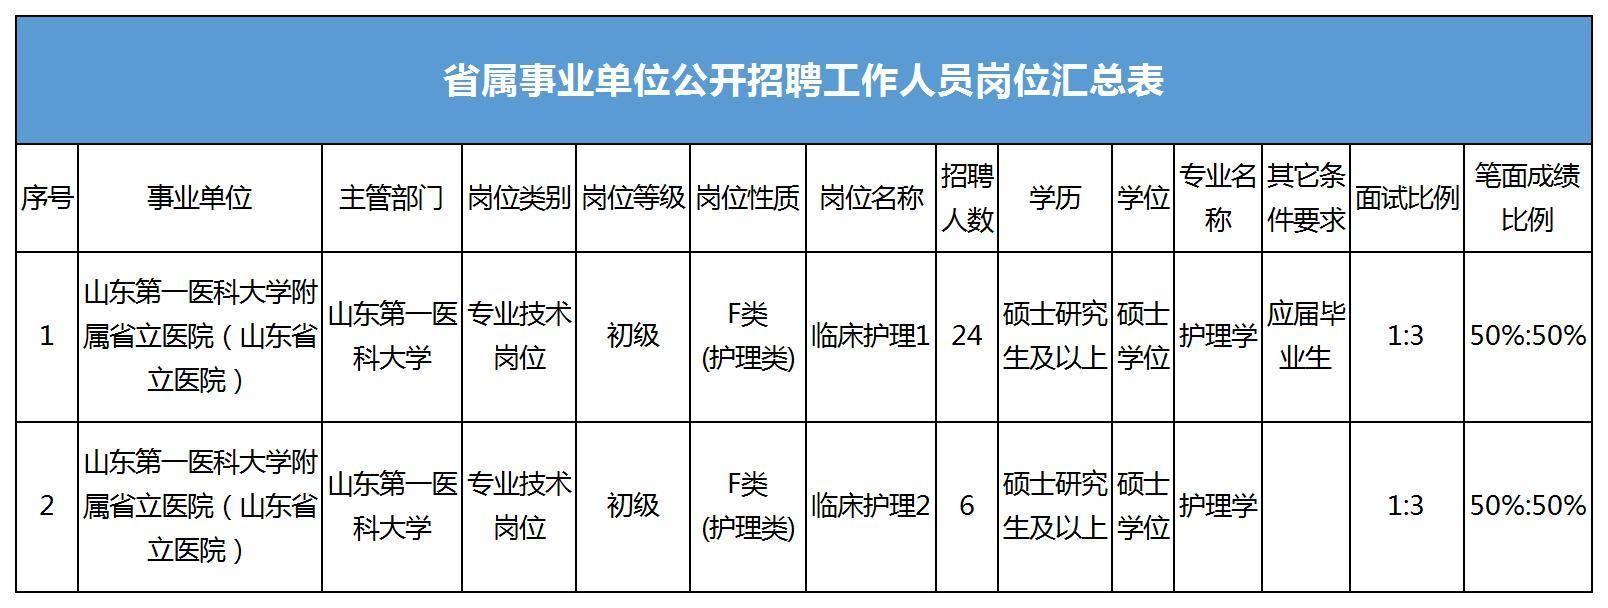 山东第一医科大学附属省立医院(山东省立医院)公开招聘工作人员30人